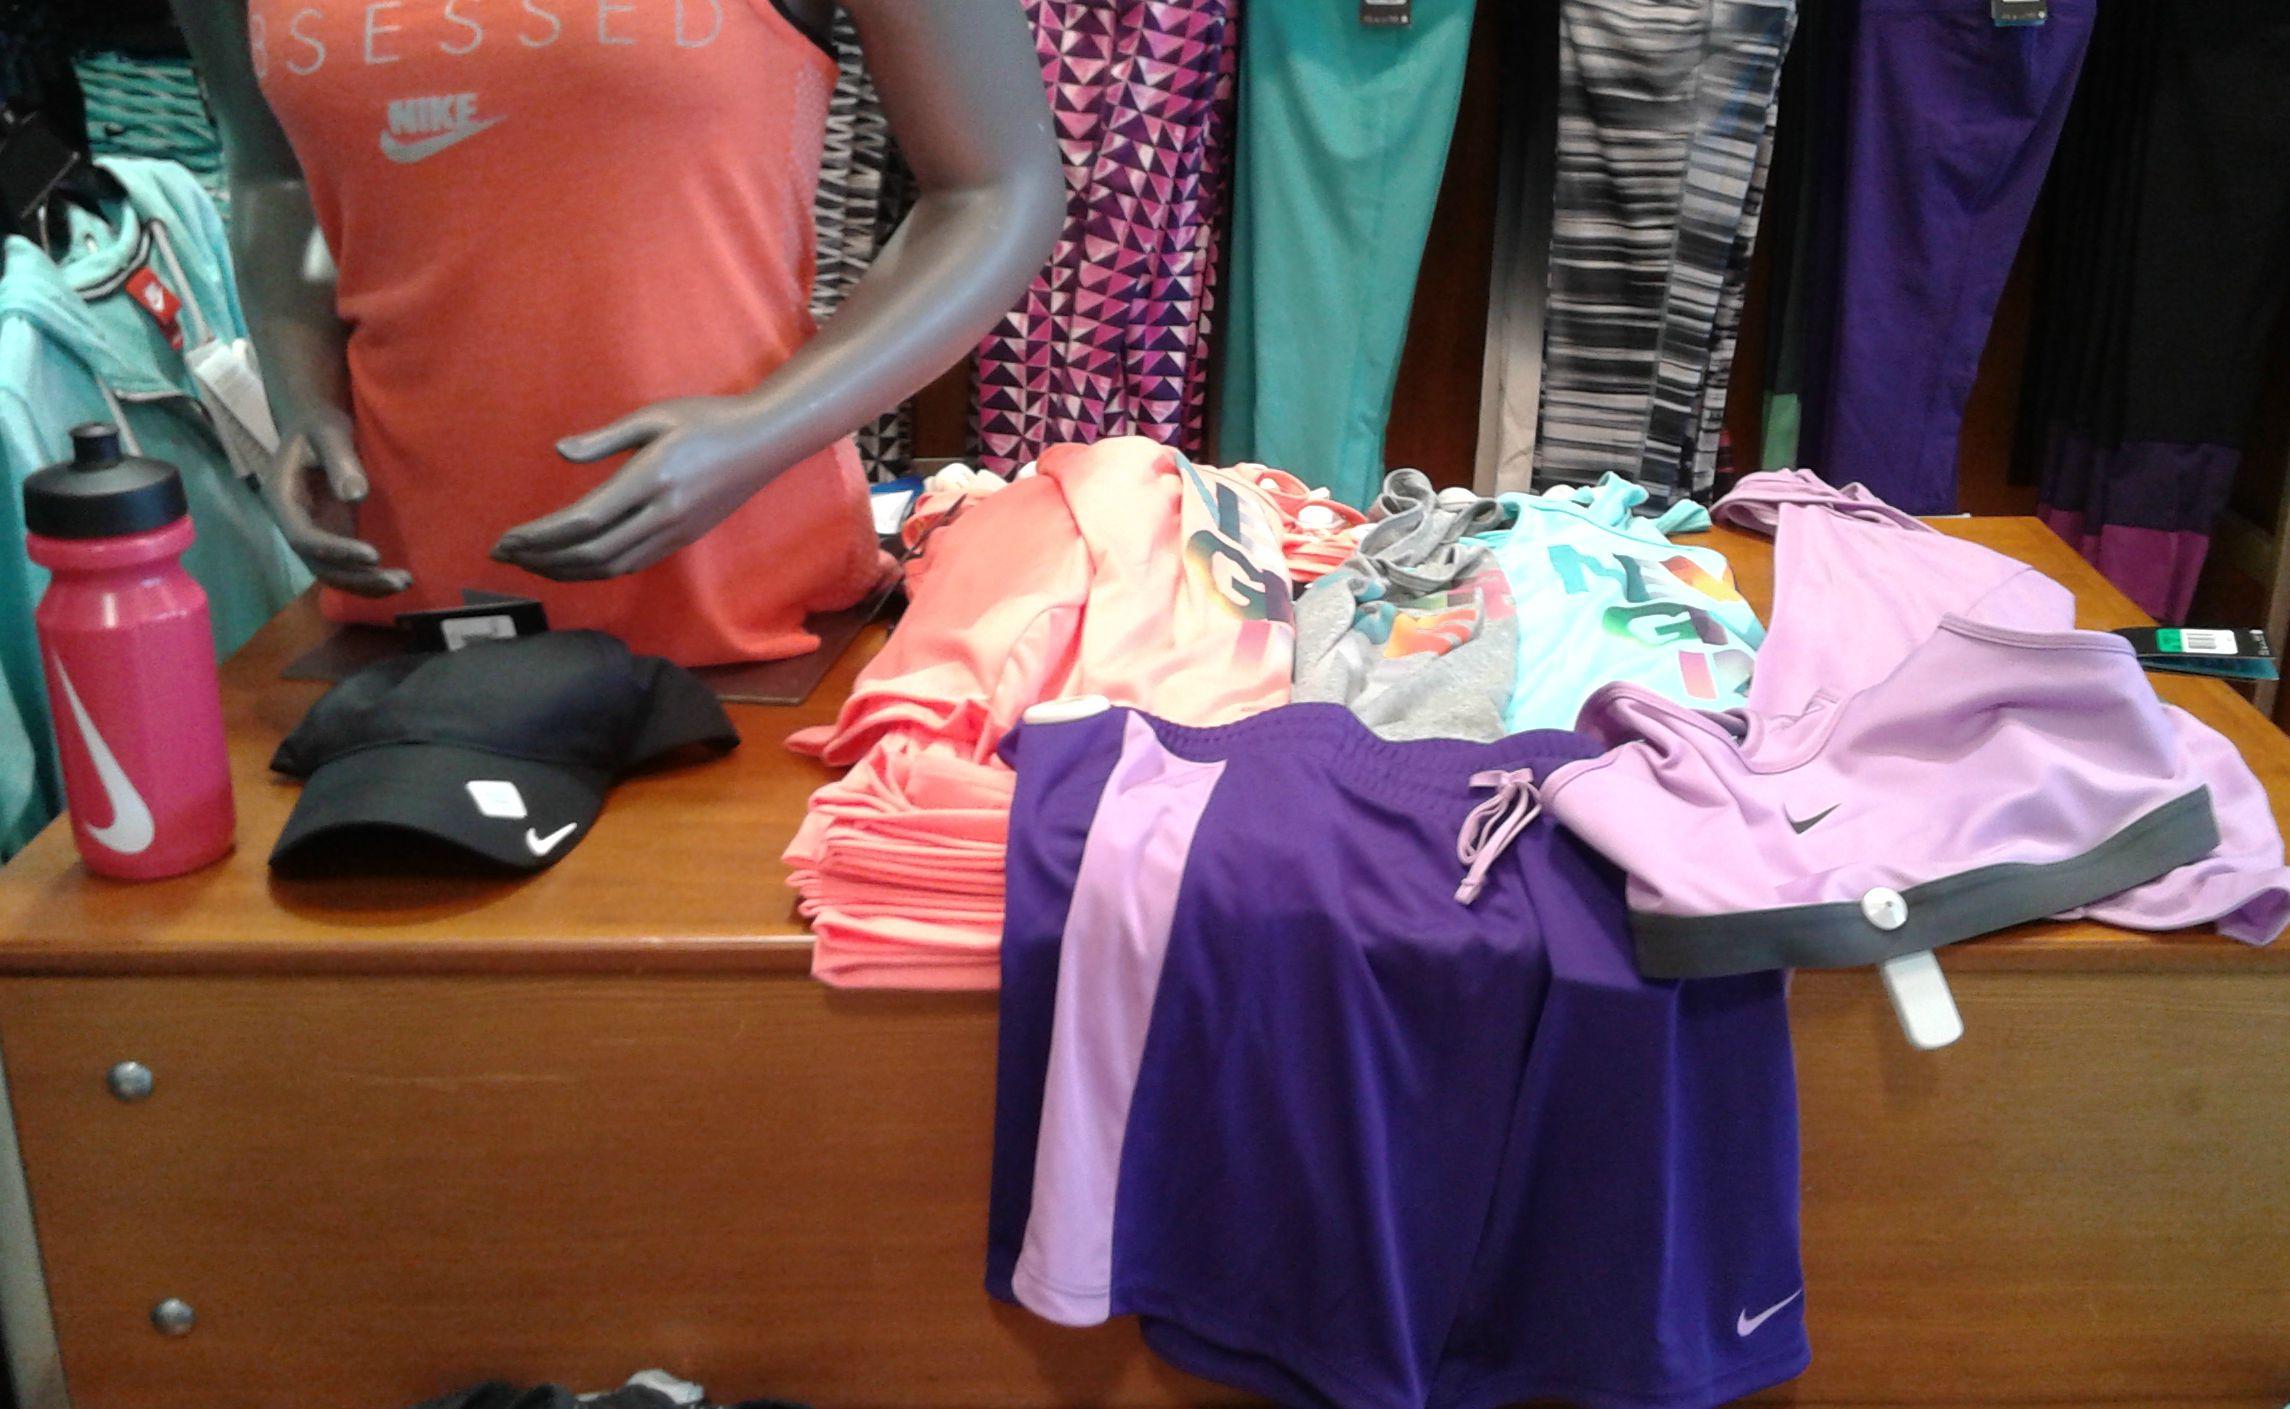 Dicks-sporting-goods-colors